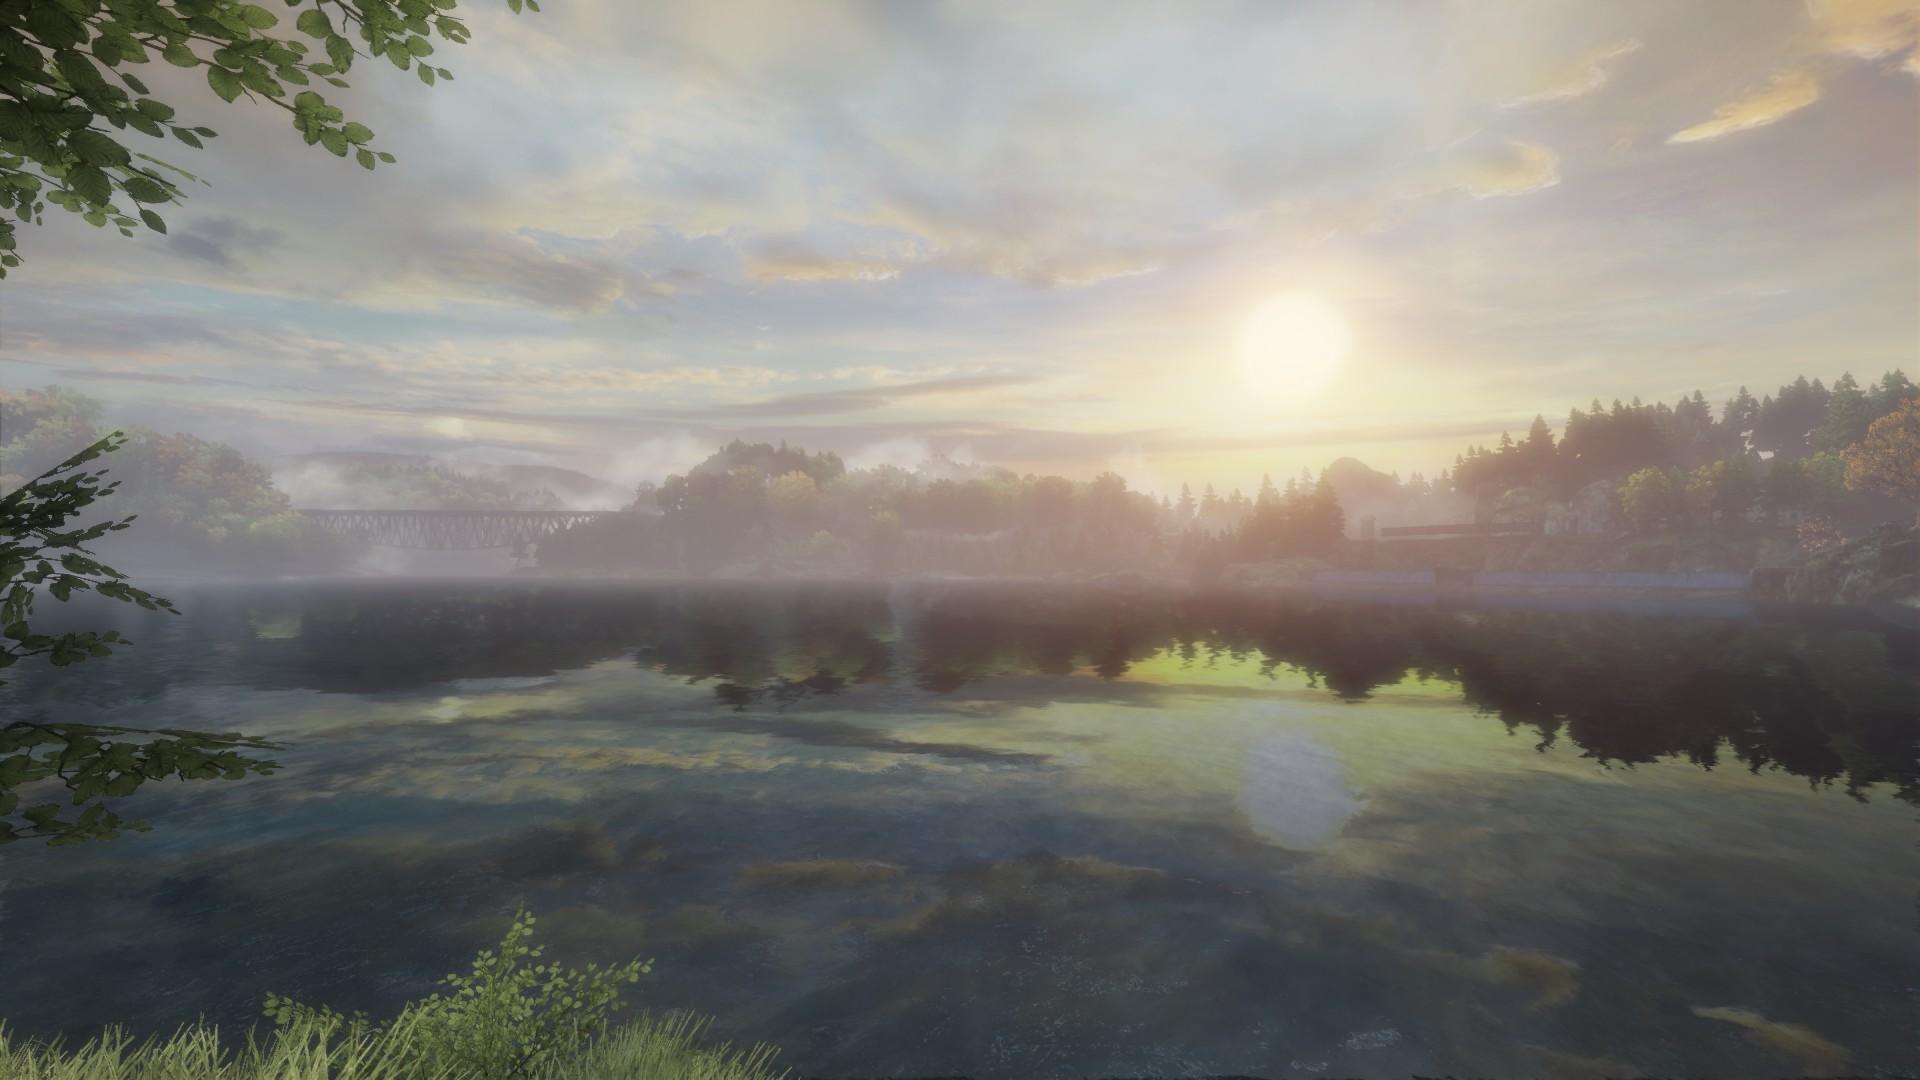 The-Vanishing-of-Ethan-Carter-scenery